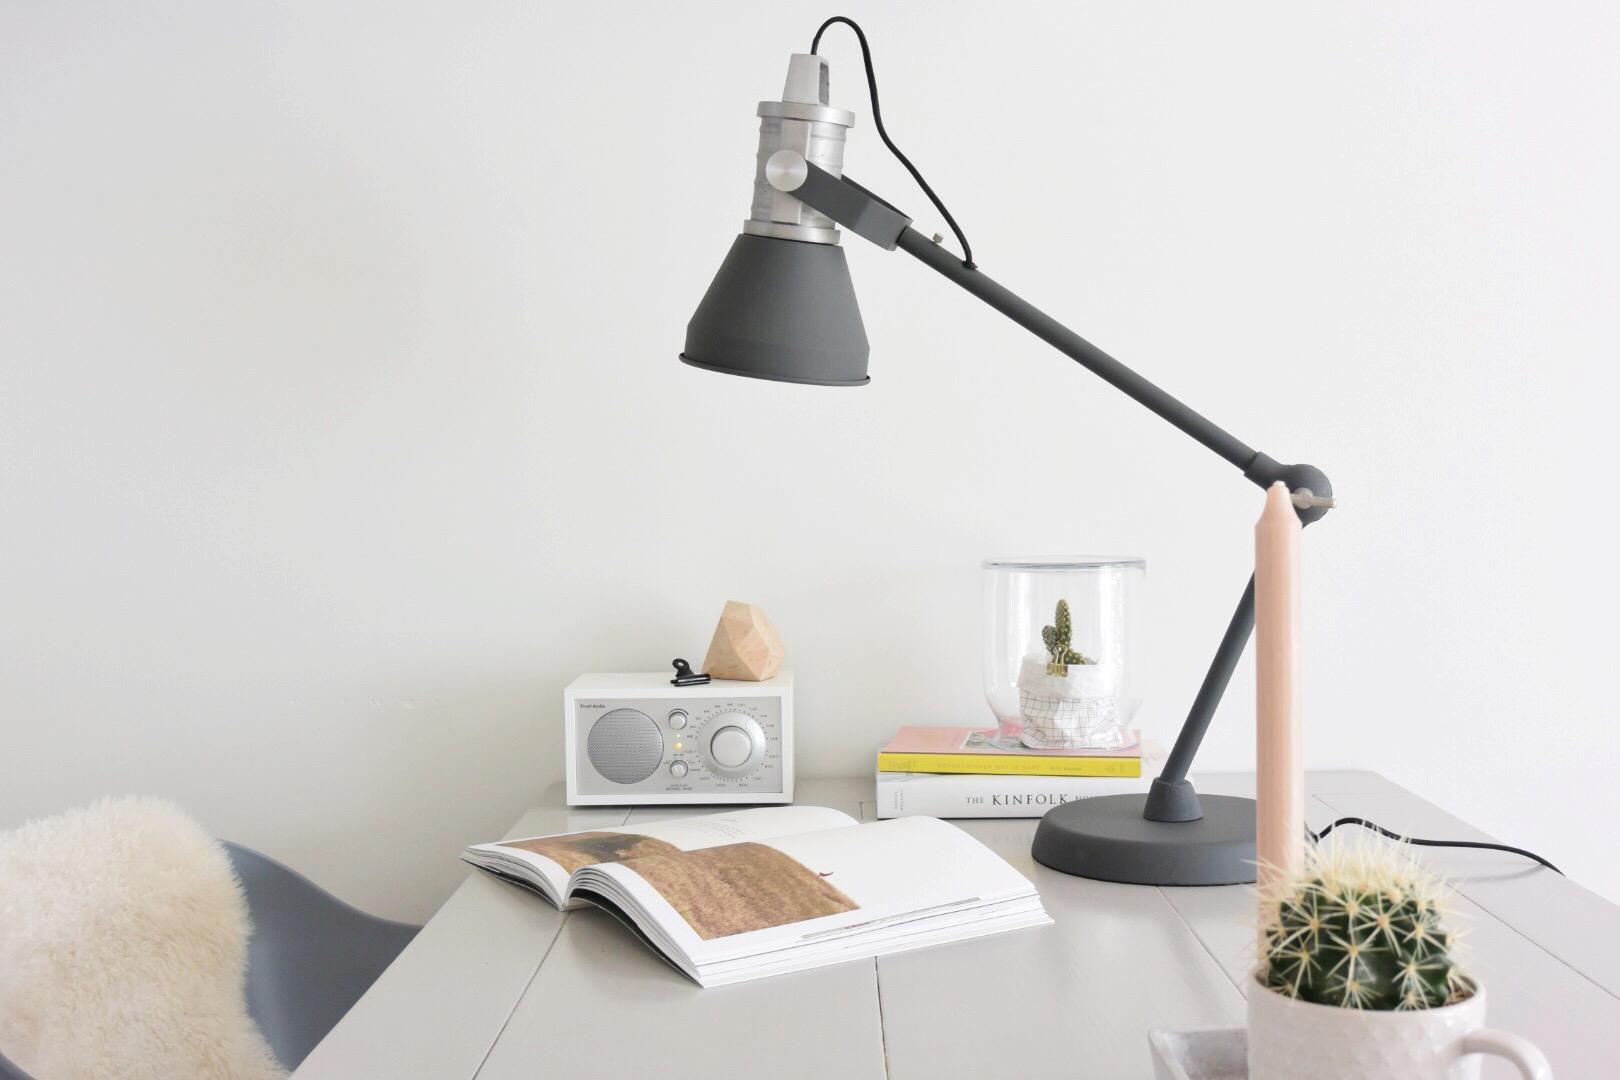 selinesteba.com - Anne lighting winnen.JPG